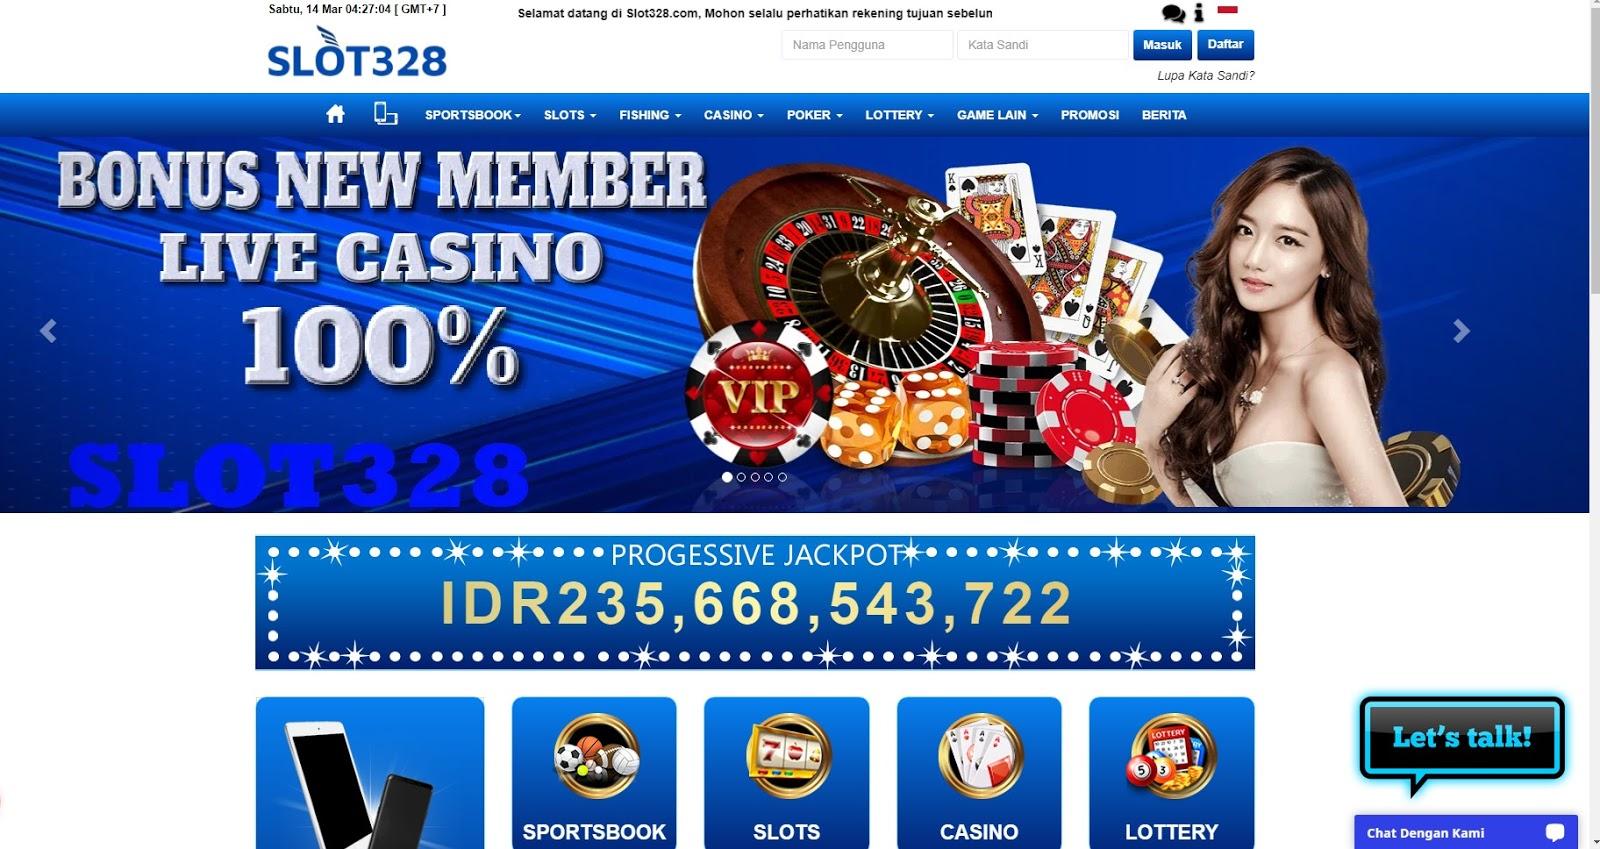 SLOT328 — Daftar Situs Judi Slot Online Terpercaya - MajalahBerita24 |  Prediksi Bola Akurat dan Terkini | Berita Terupdate